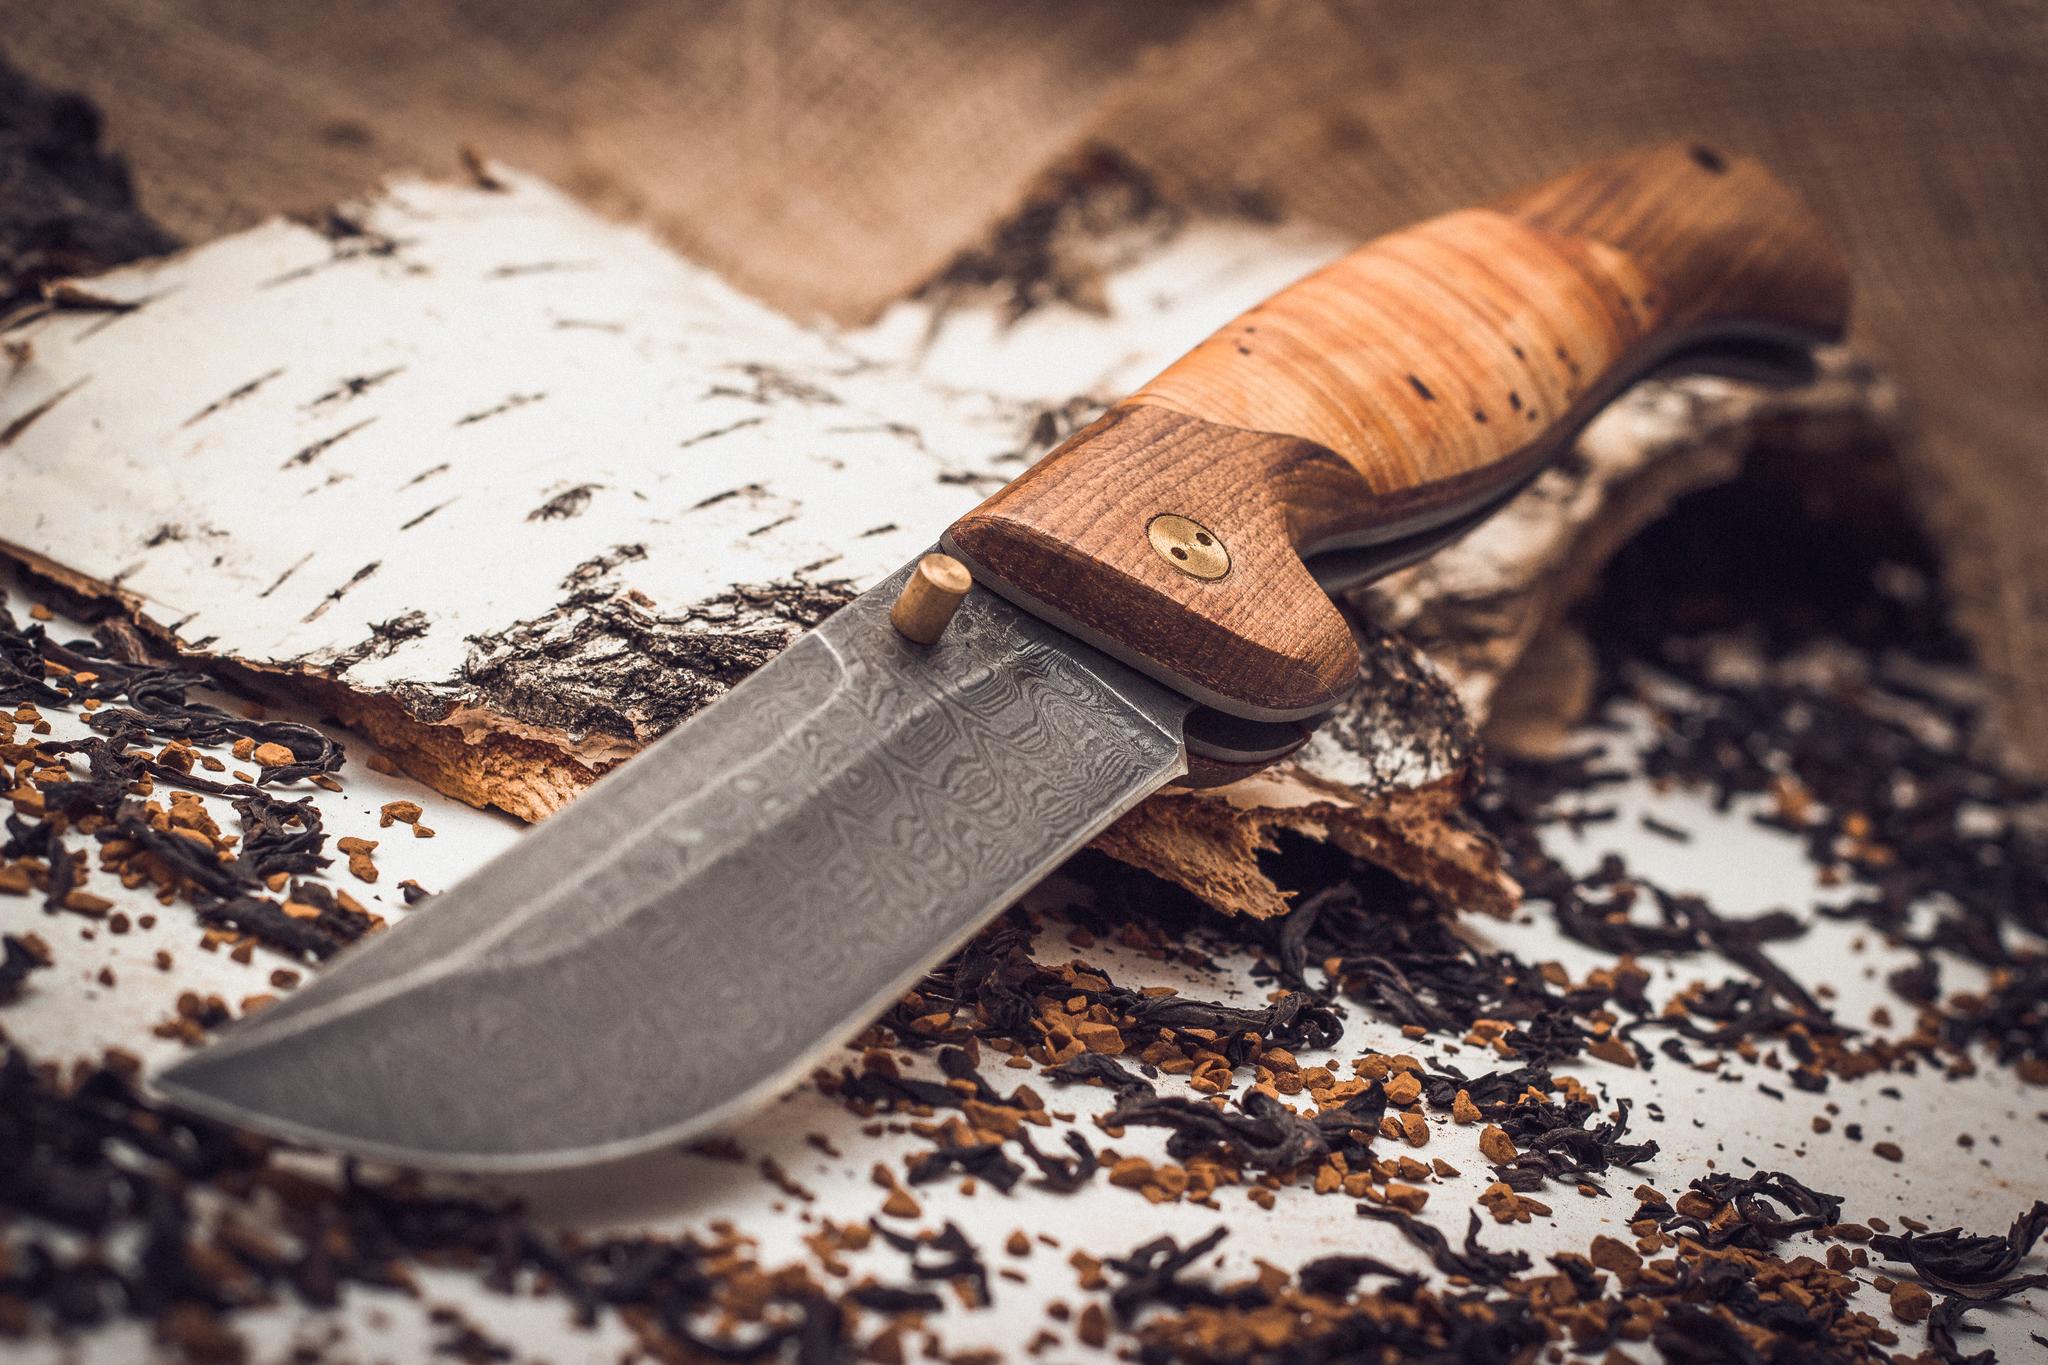 Фото 2 - Складной нож Страж 2, дамаск, береста от Марычев